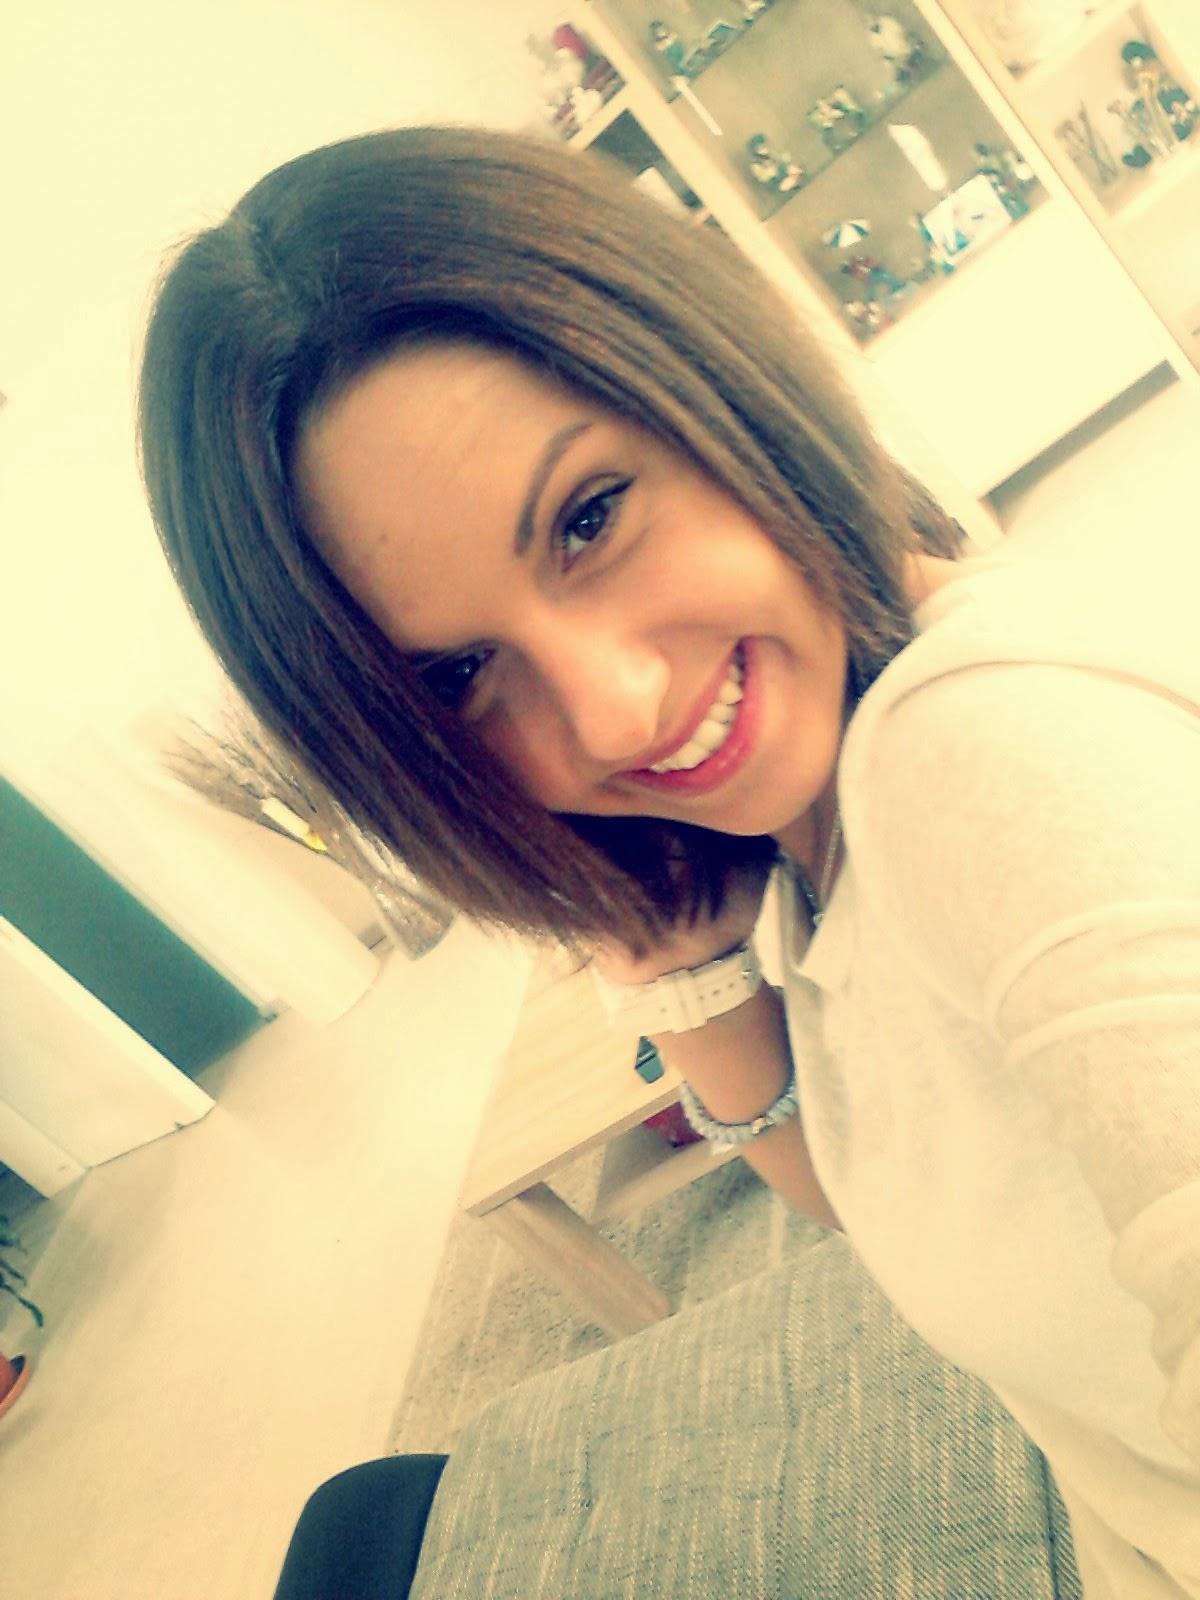 EileenExcellent♥